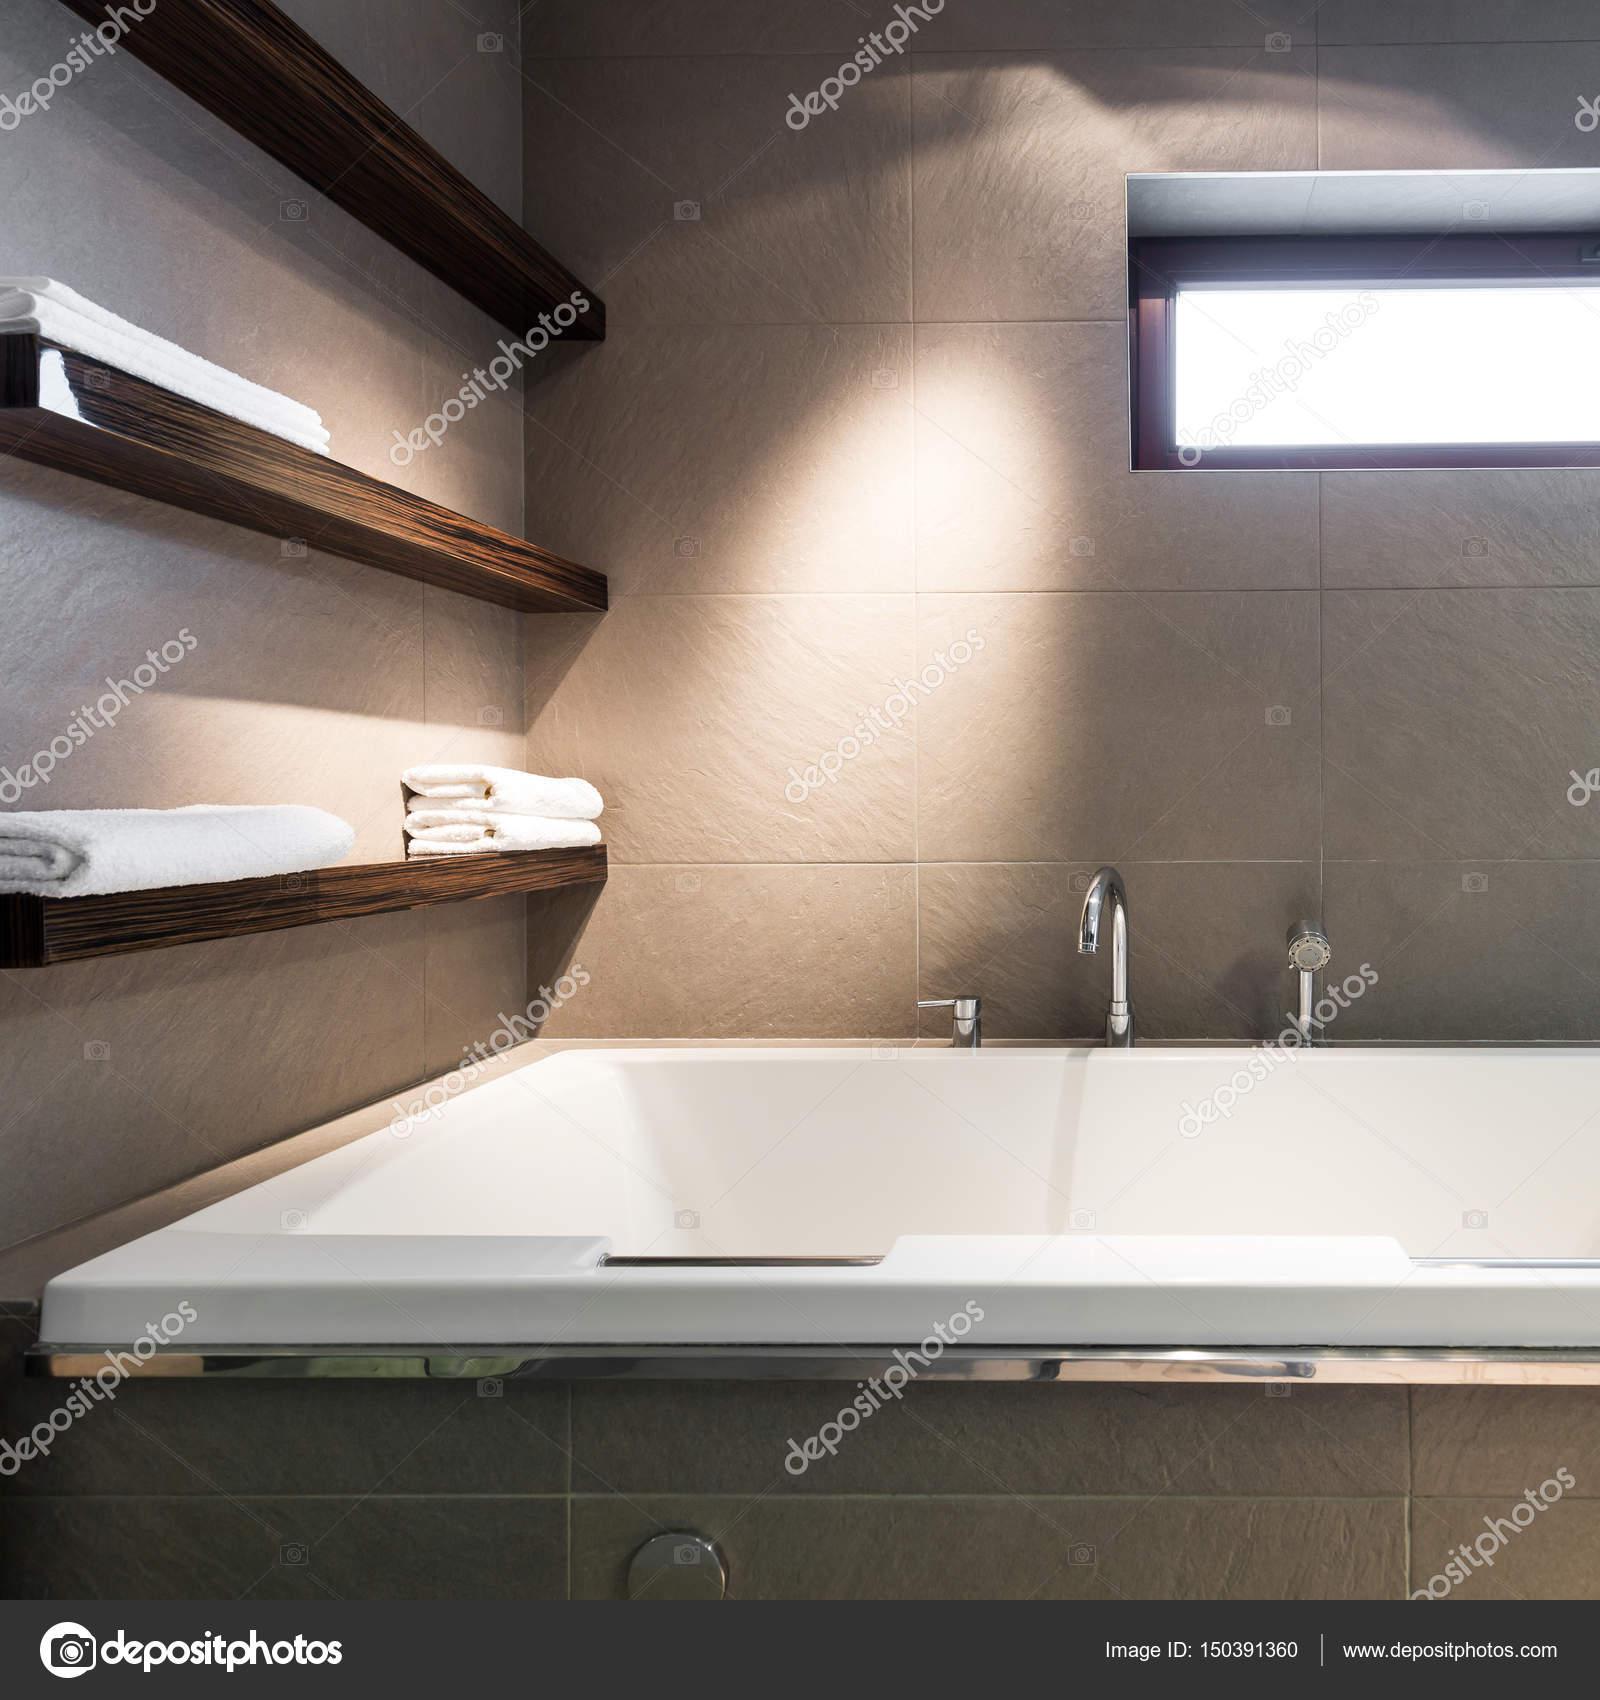 https://st3.depositphotos.com/2249091/15039/i/1600/depositphotos_150391360-stockafbeelding-moderne-minimalistische-badkamer-met-bad.jpg